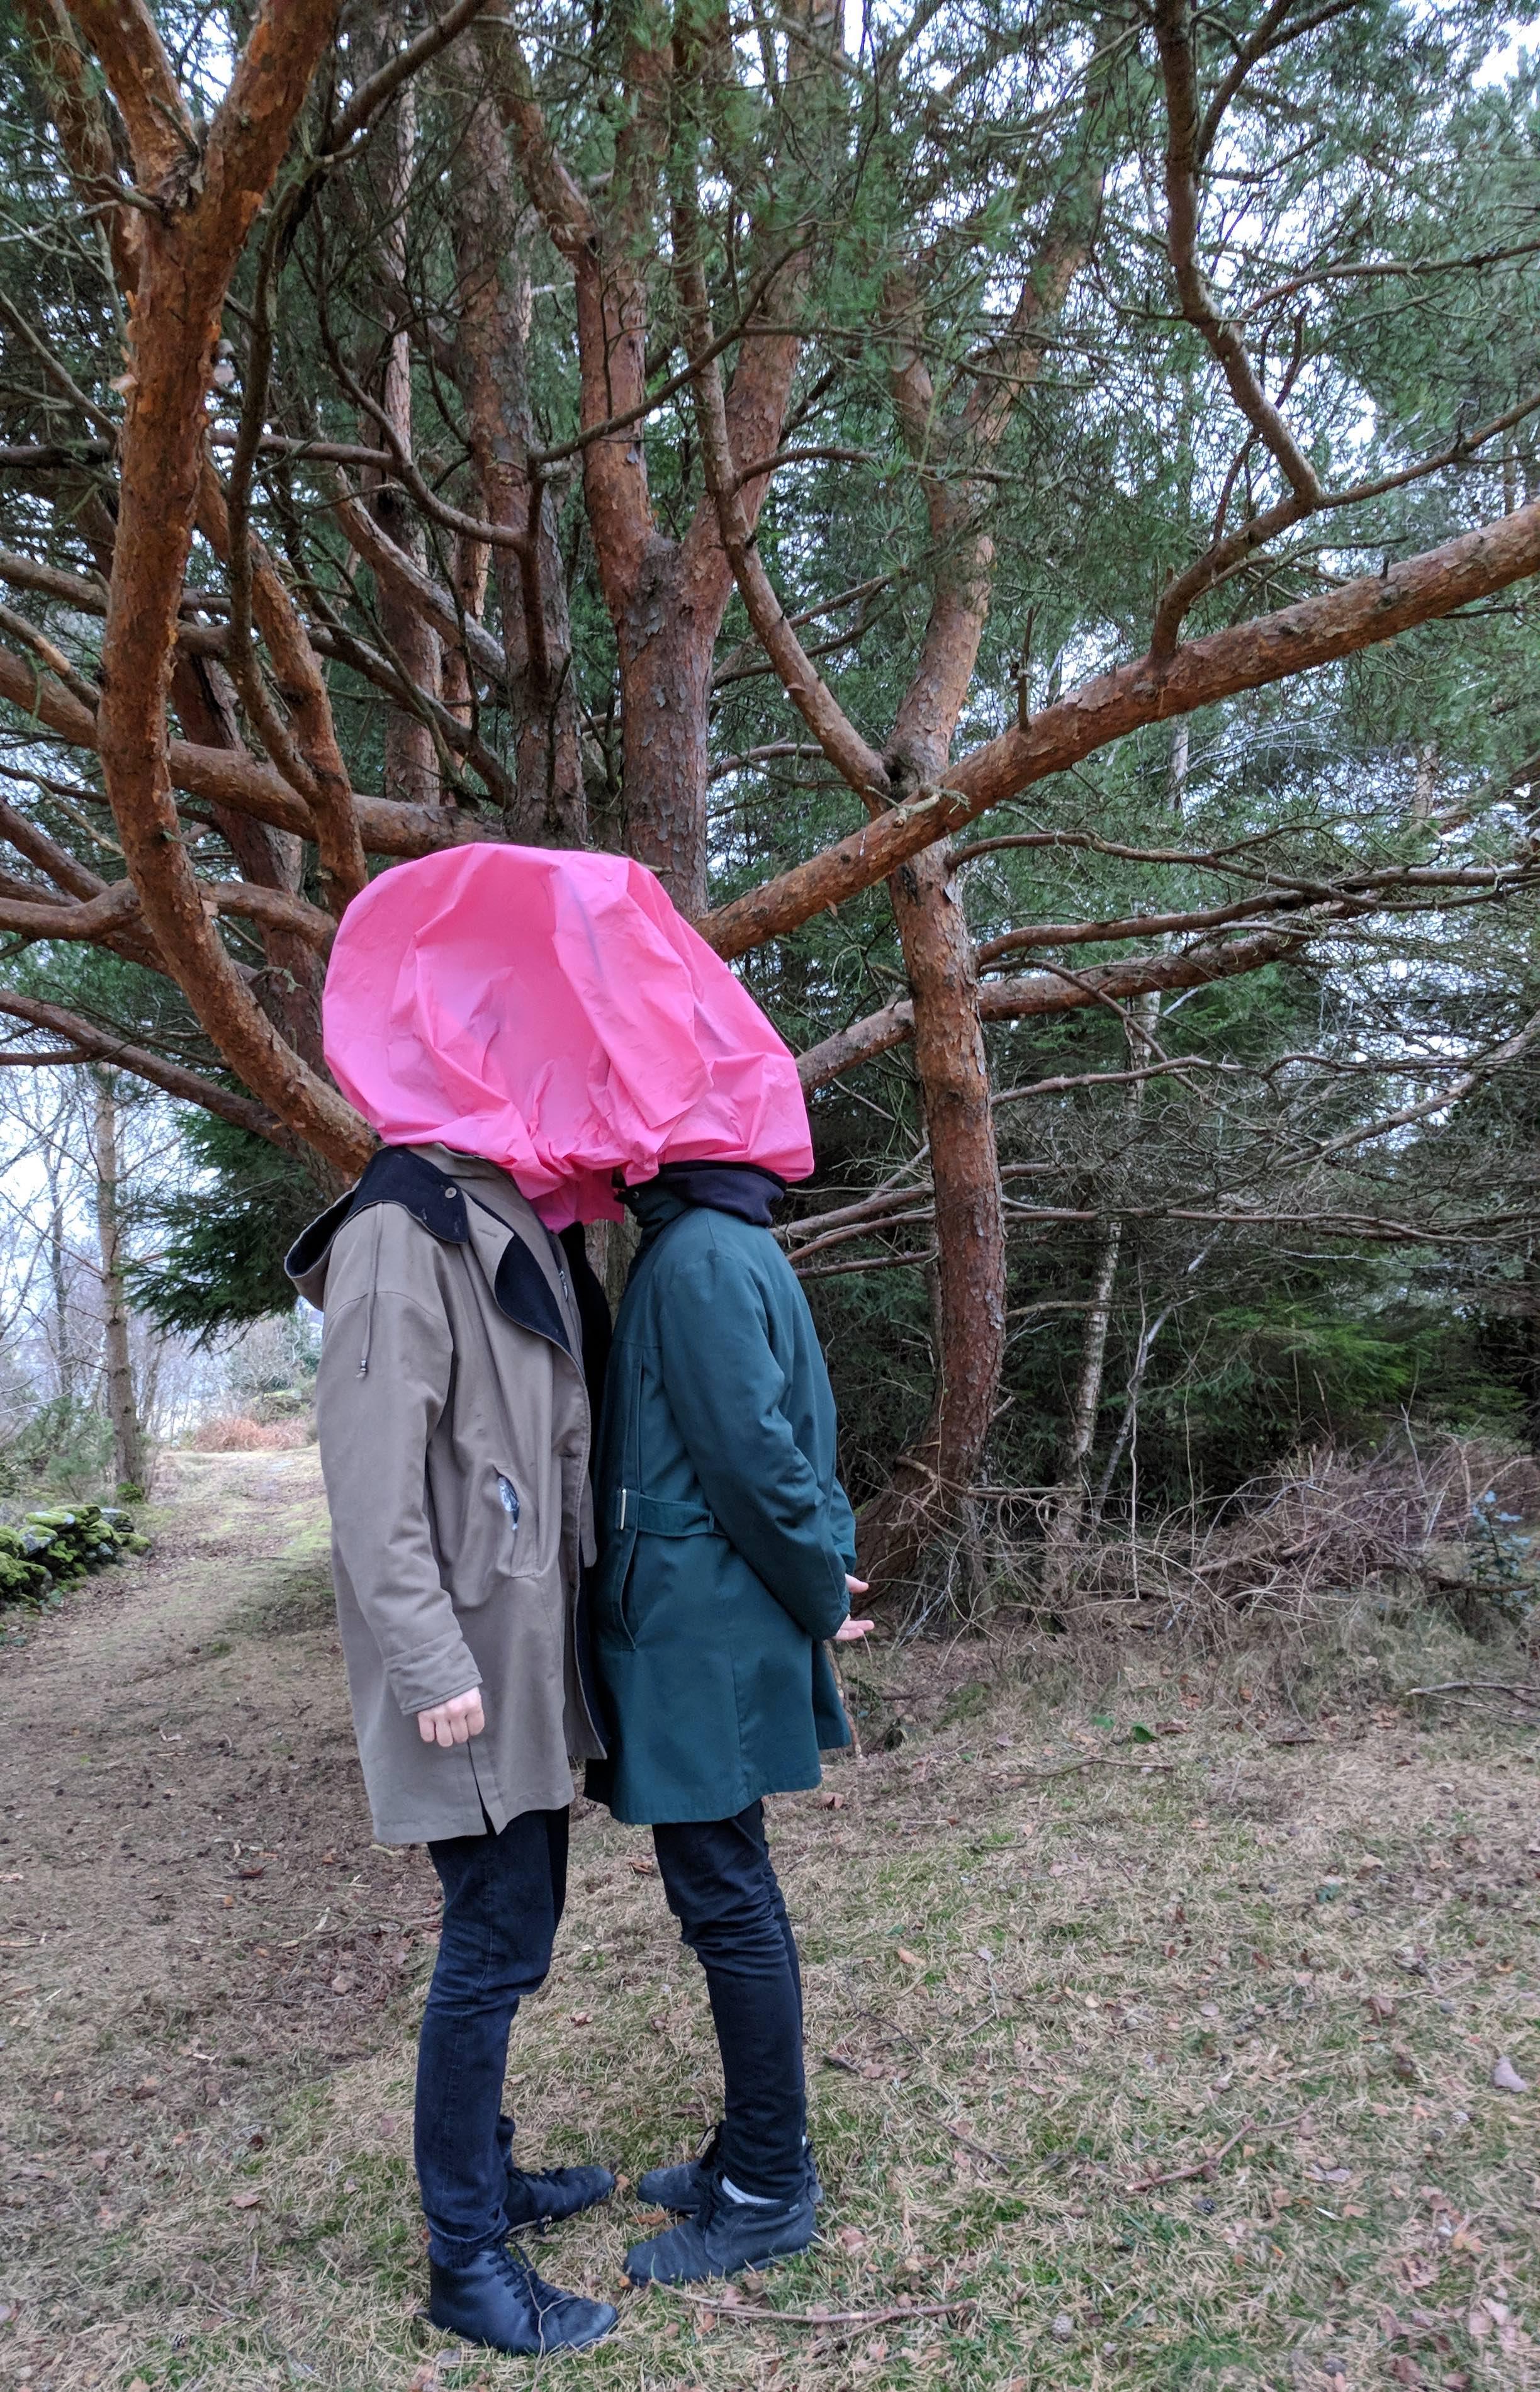 Performance Art Bergen med kunstnerne Anne Marthe E. Rygg, Walk of shame, Else Karin Tysse Bysheim – PAB lokal – Barnas kulturhelg og kulturnatt – Det vennlige møtet